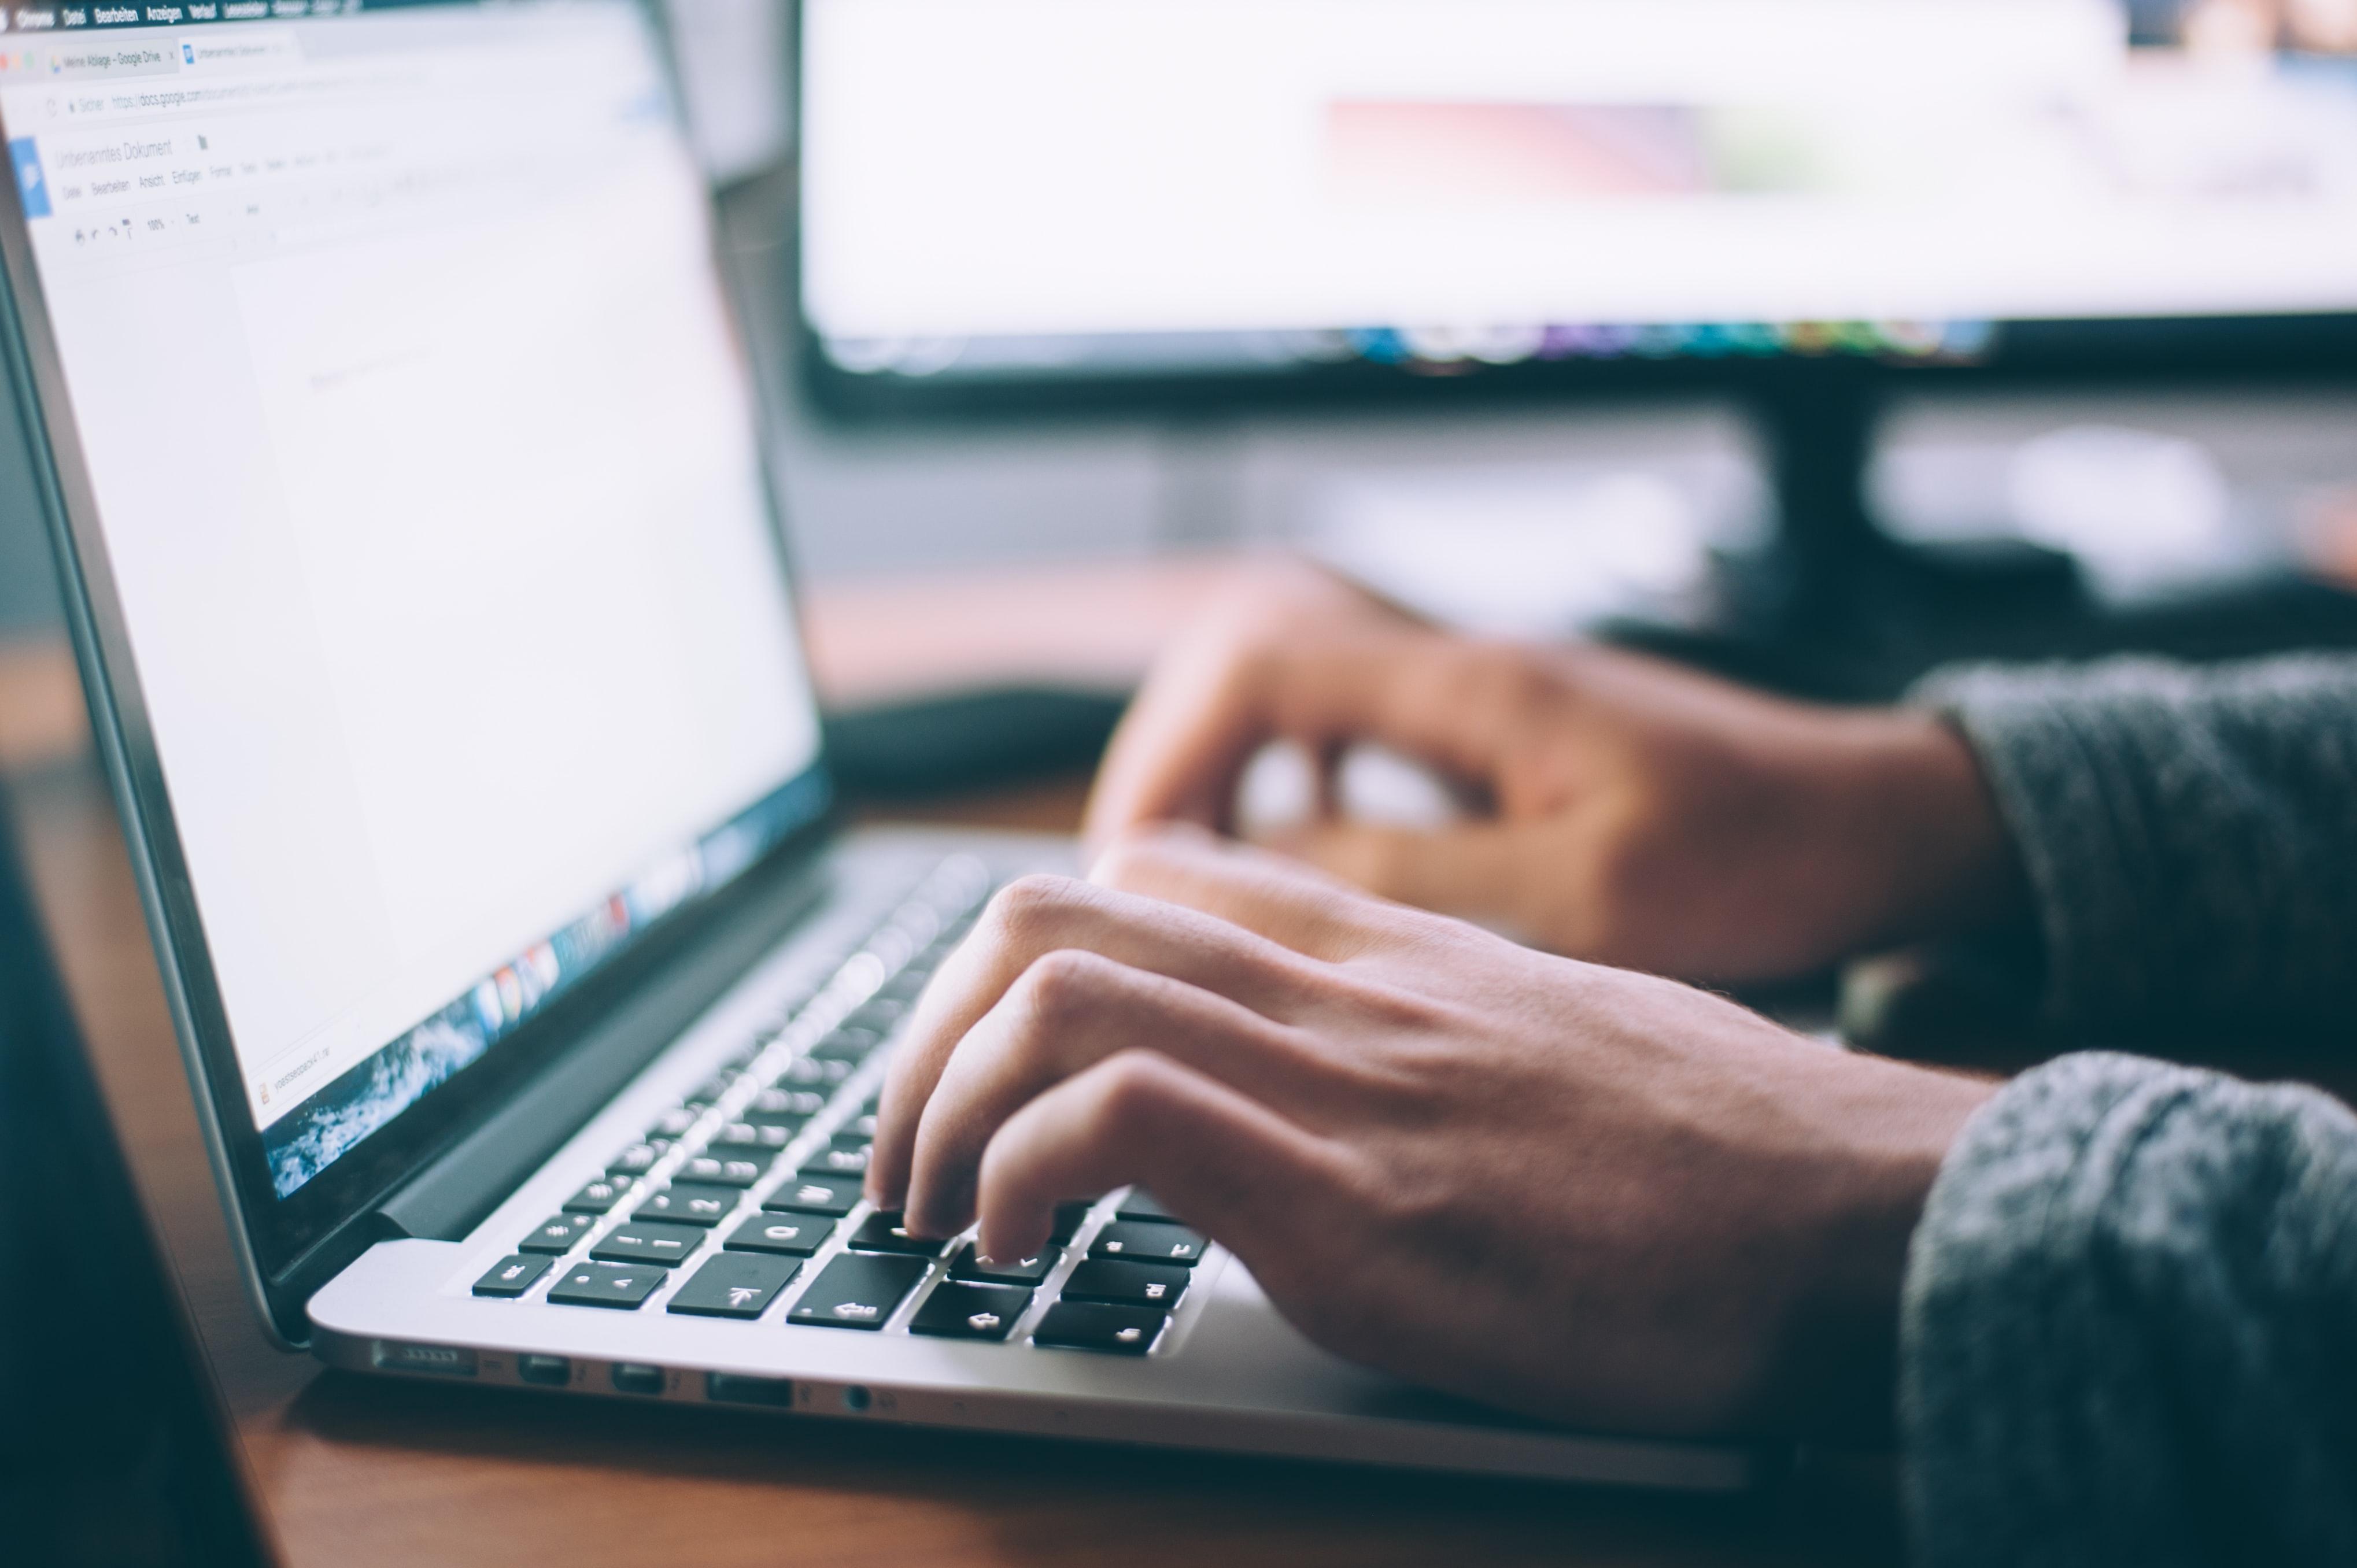 Homme tapant sur le clavier d'un ordinateur portable